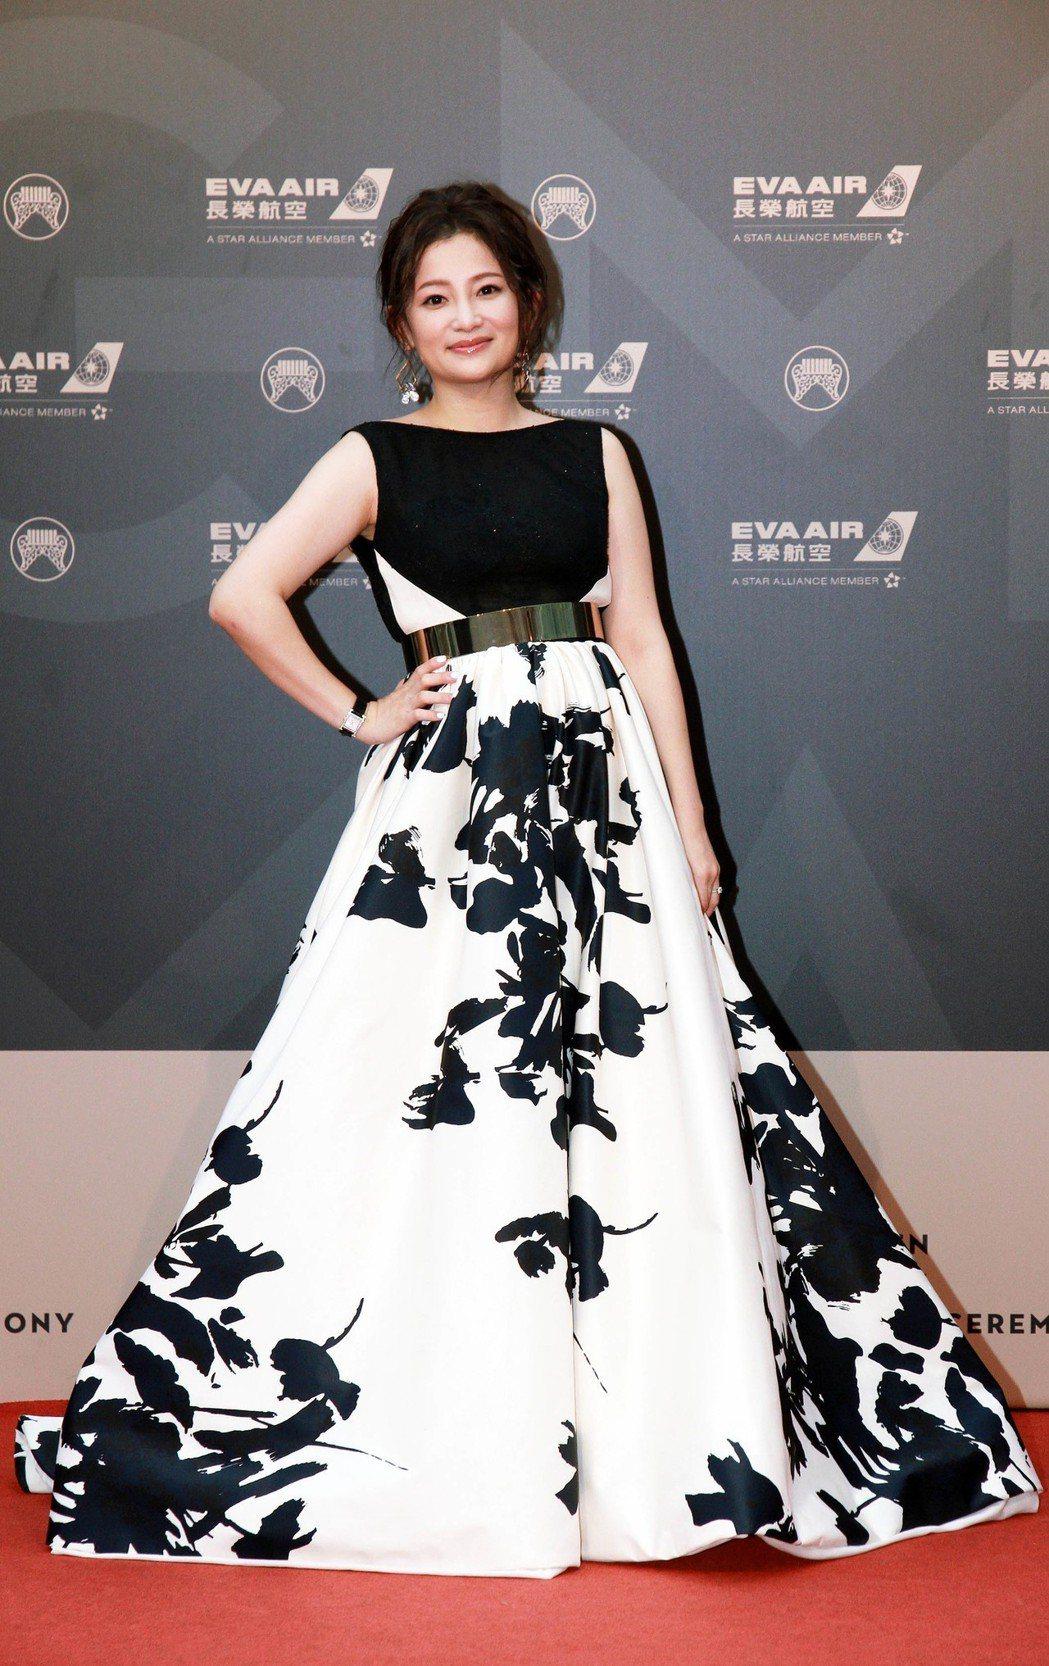 入圍台語女歌手的張涵雅身上穿的禮服是台灣設計師量身訂做。圖/台視提供